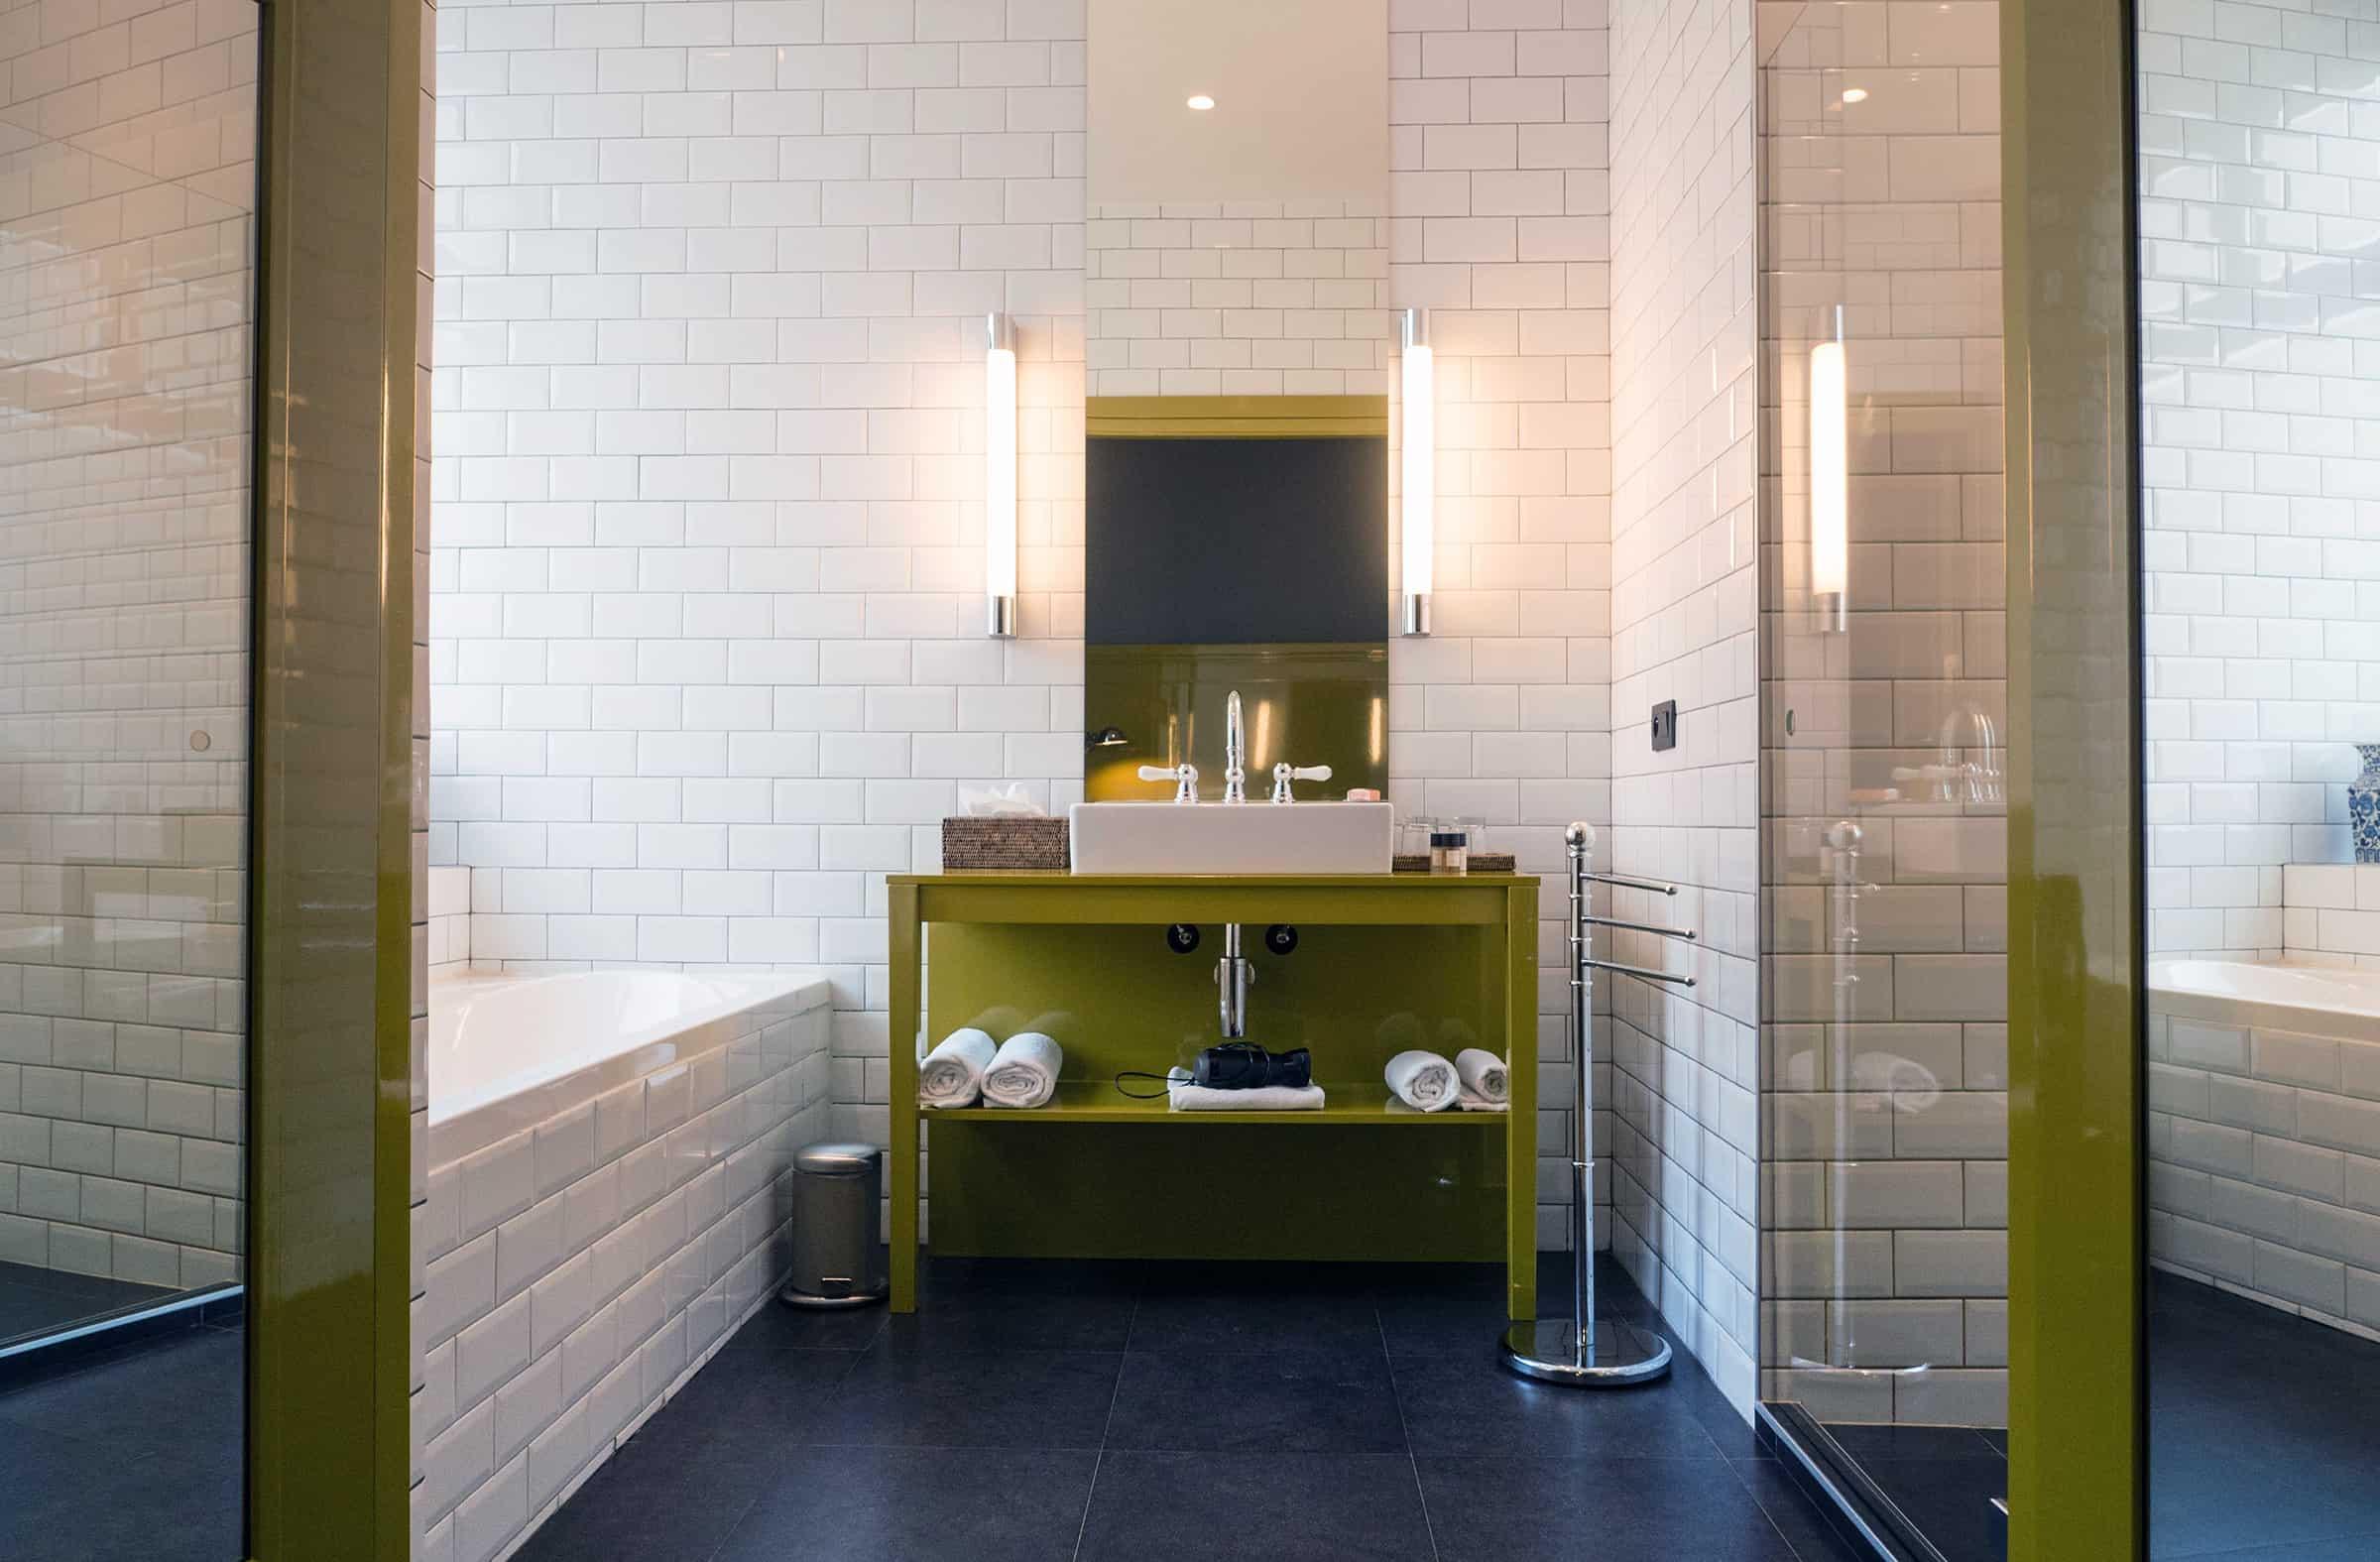 Badkamer Les Nuits Hotel Antwerpen